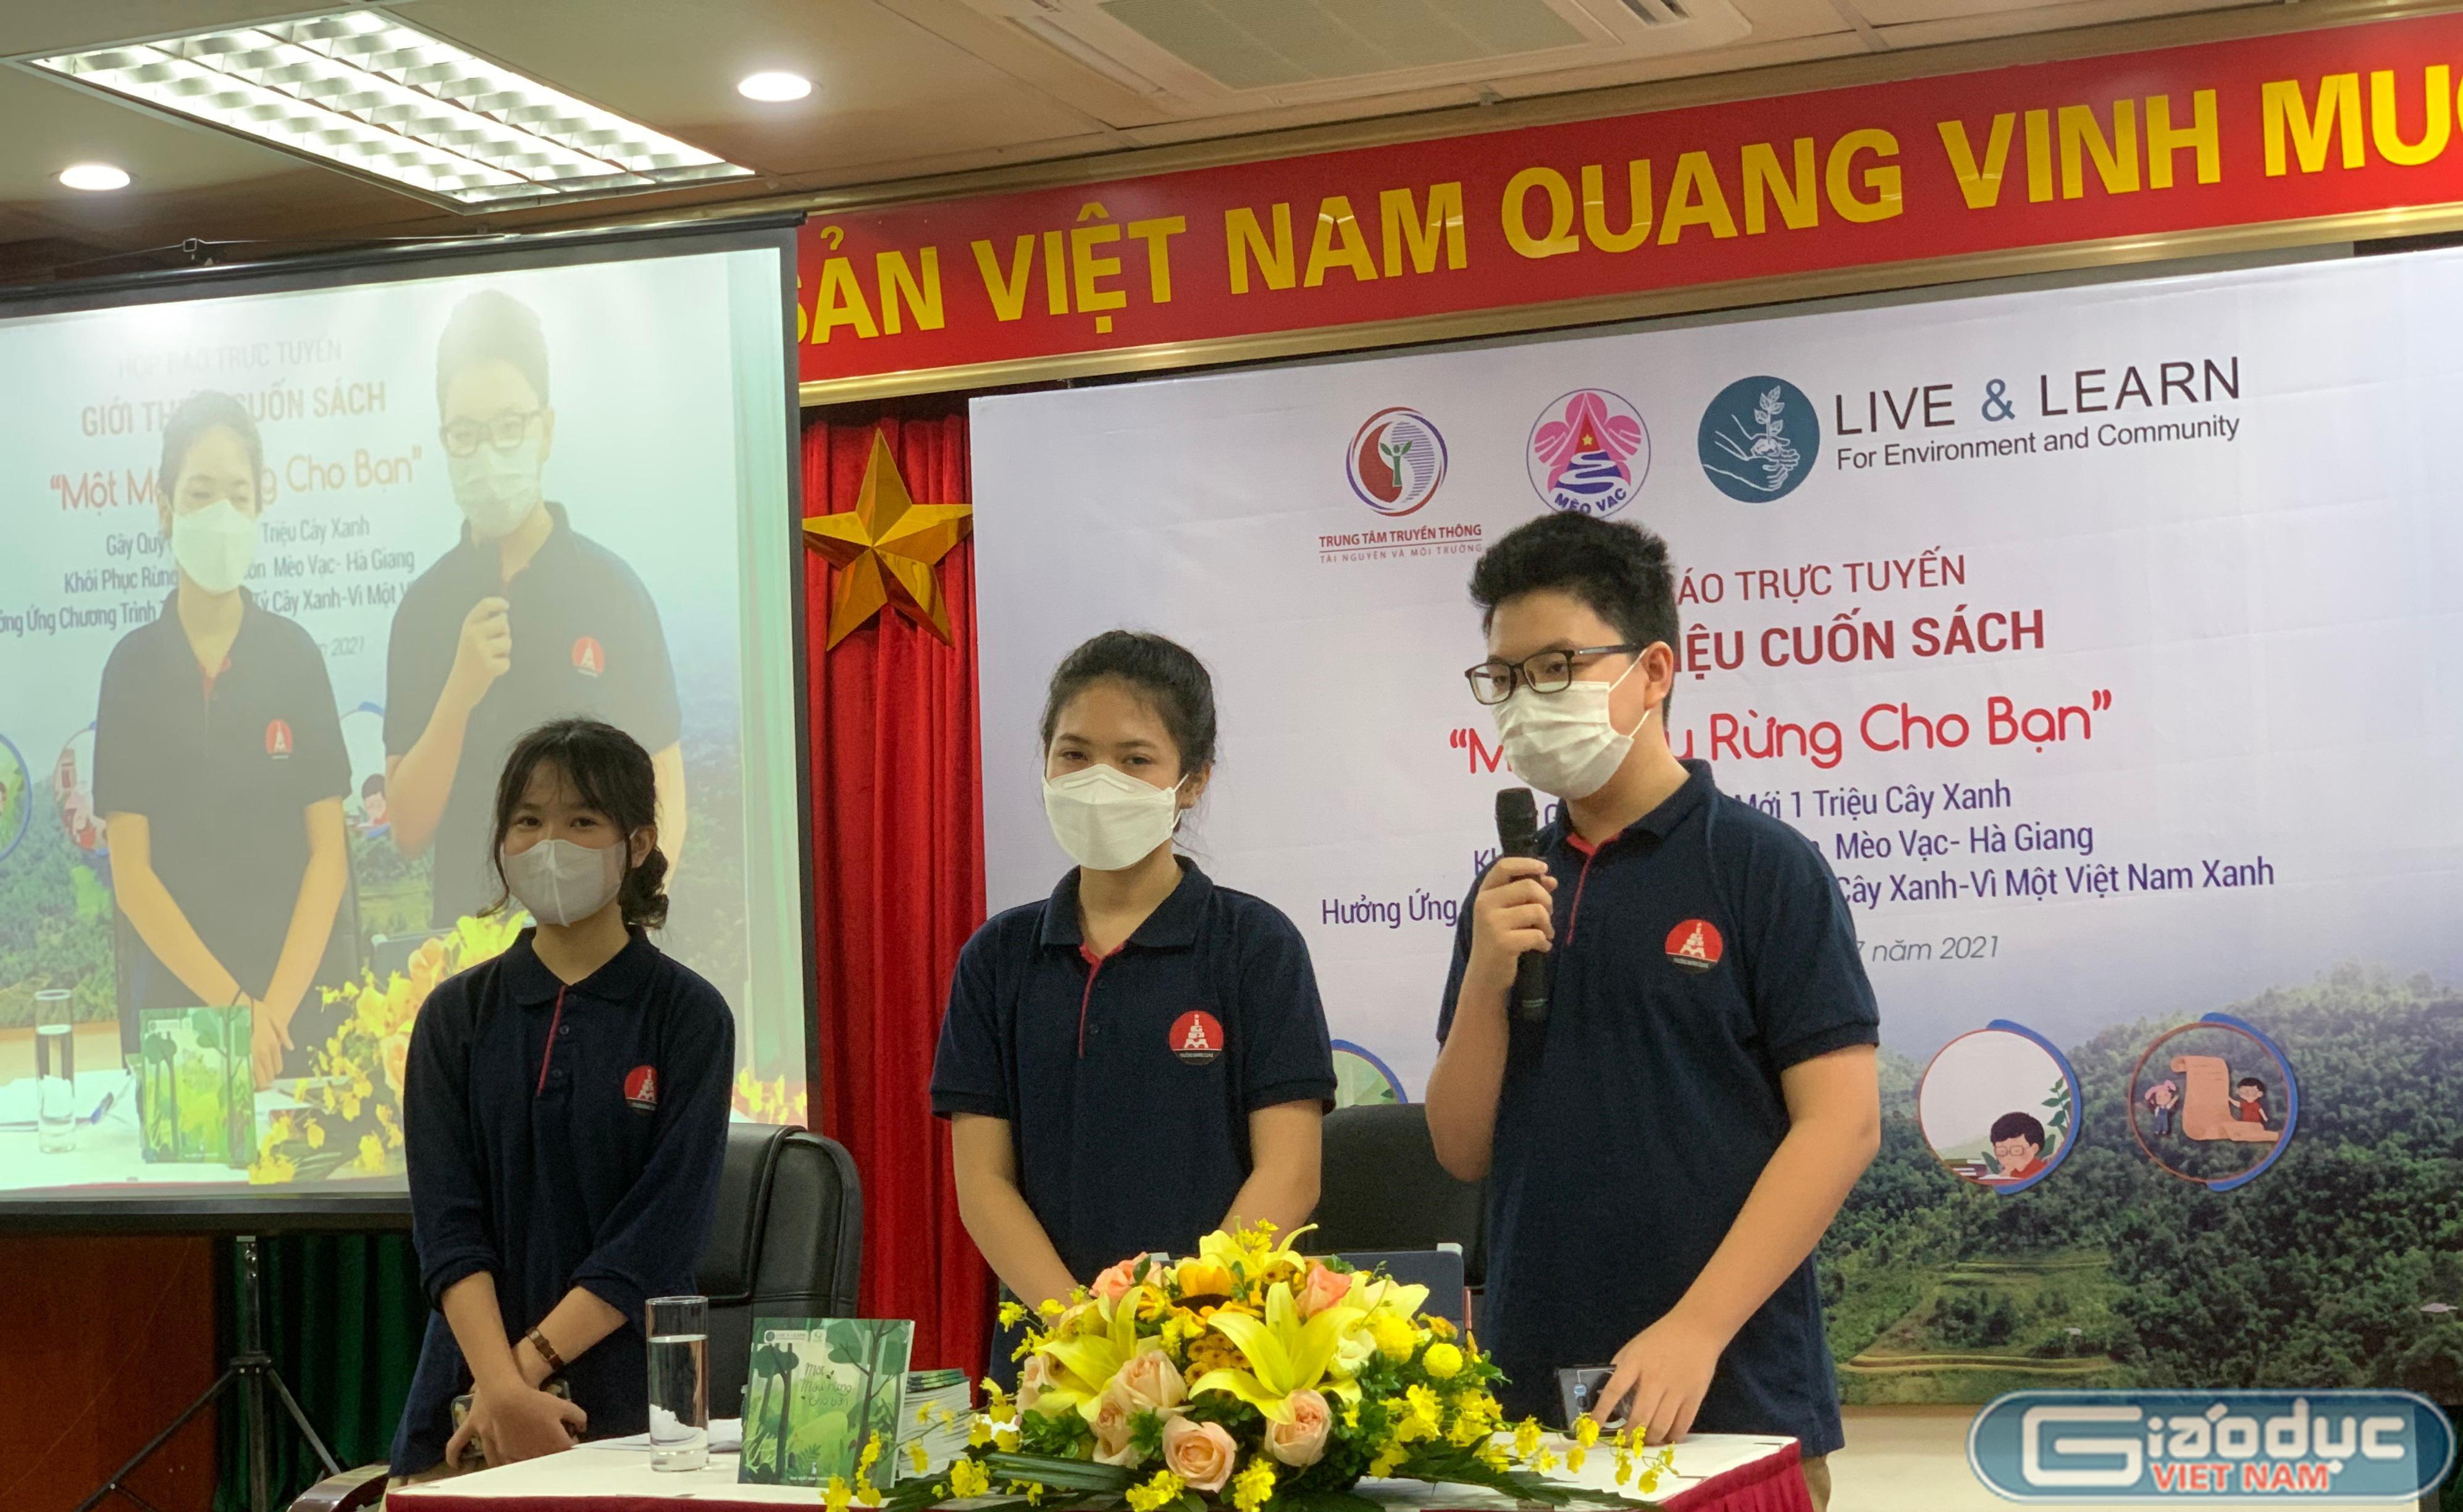 Ba học sinh lớp 7 trường Marie Curie xuất bản sách về môi trường - Giáo dục Việt Nam